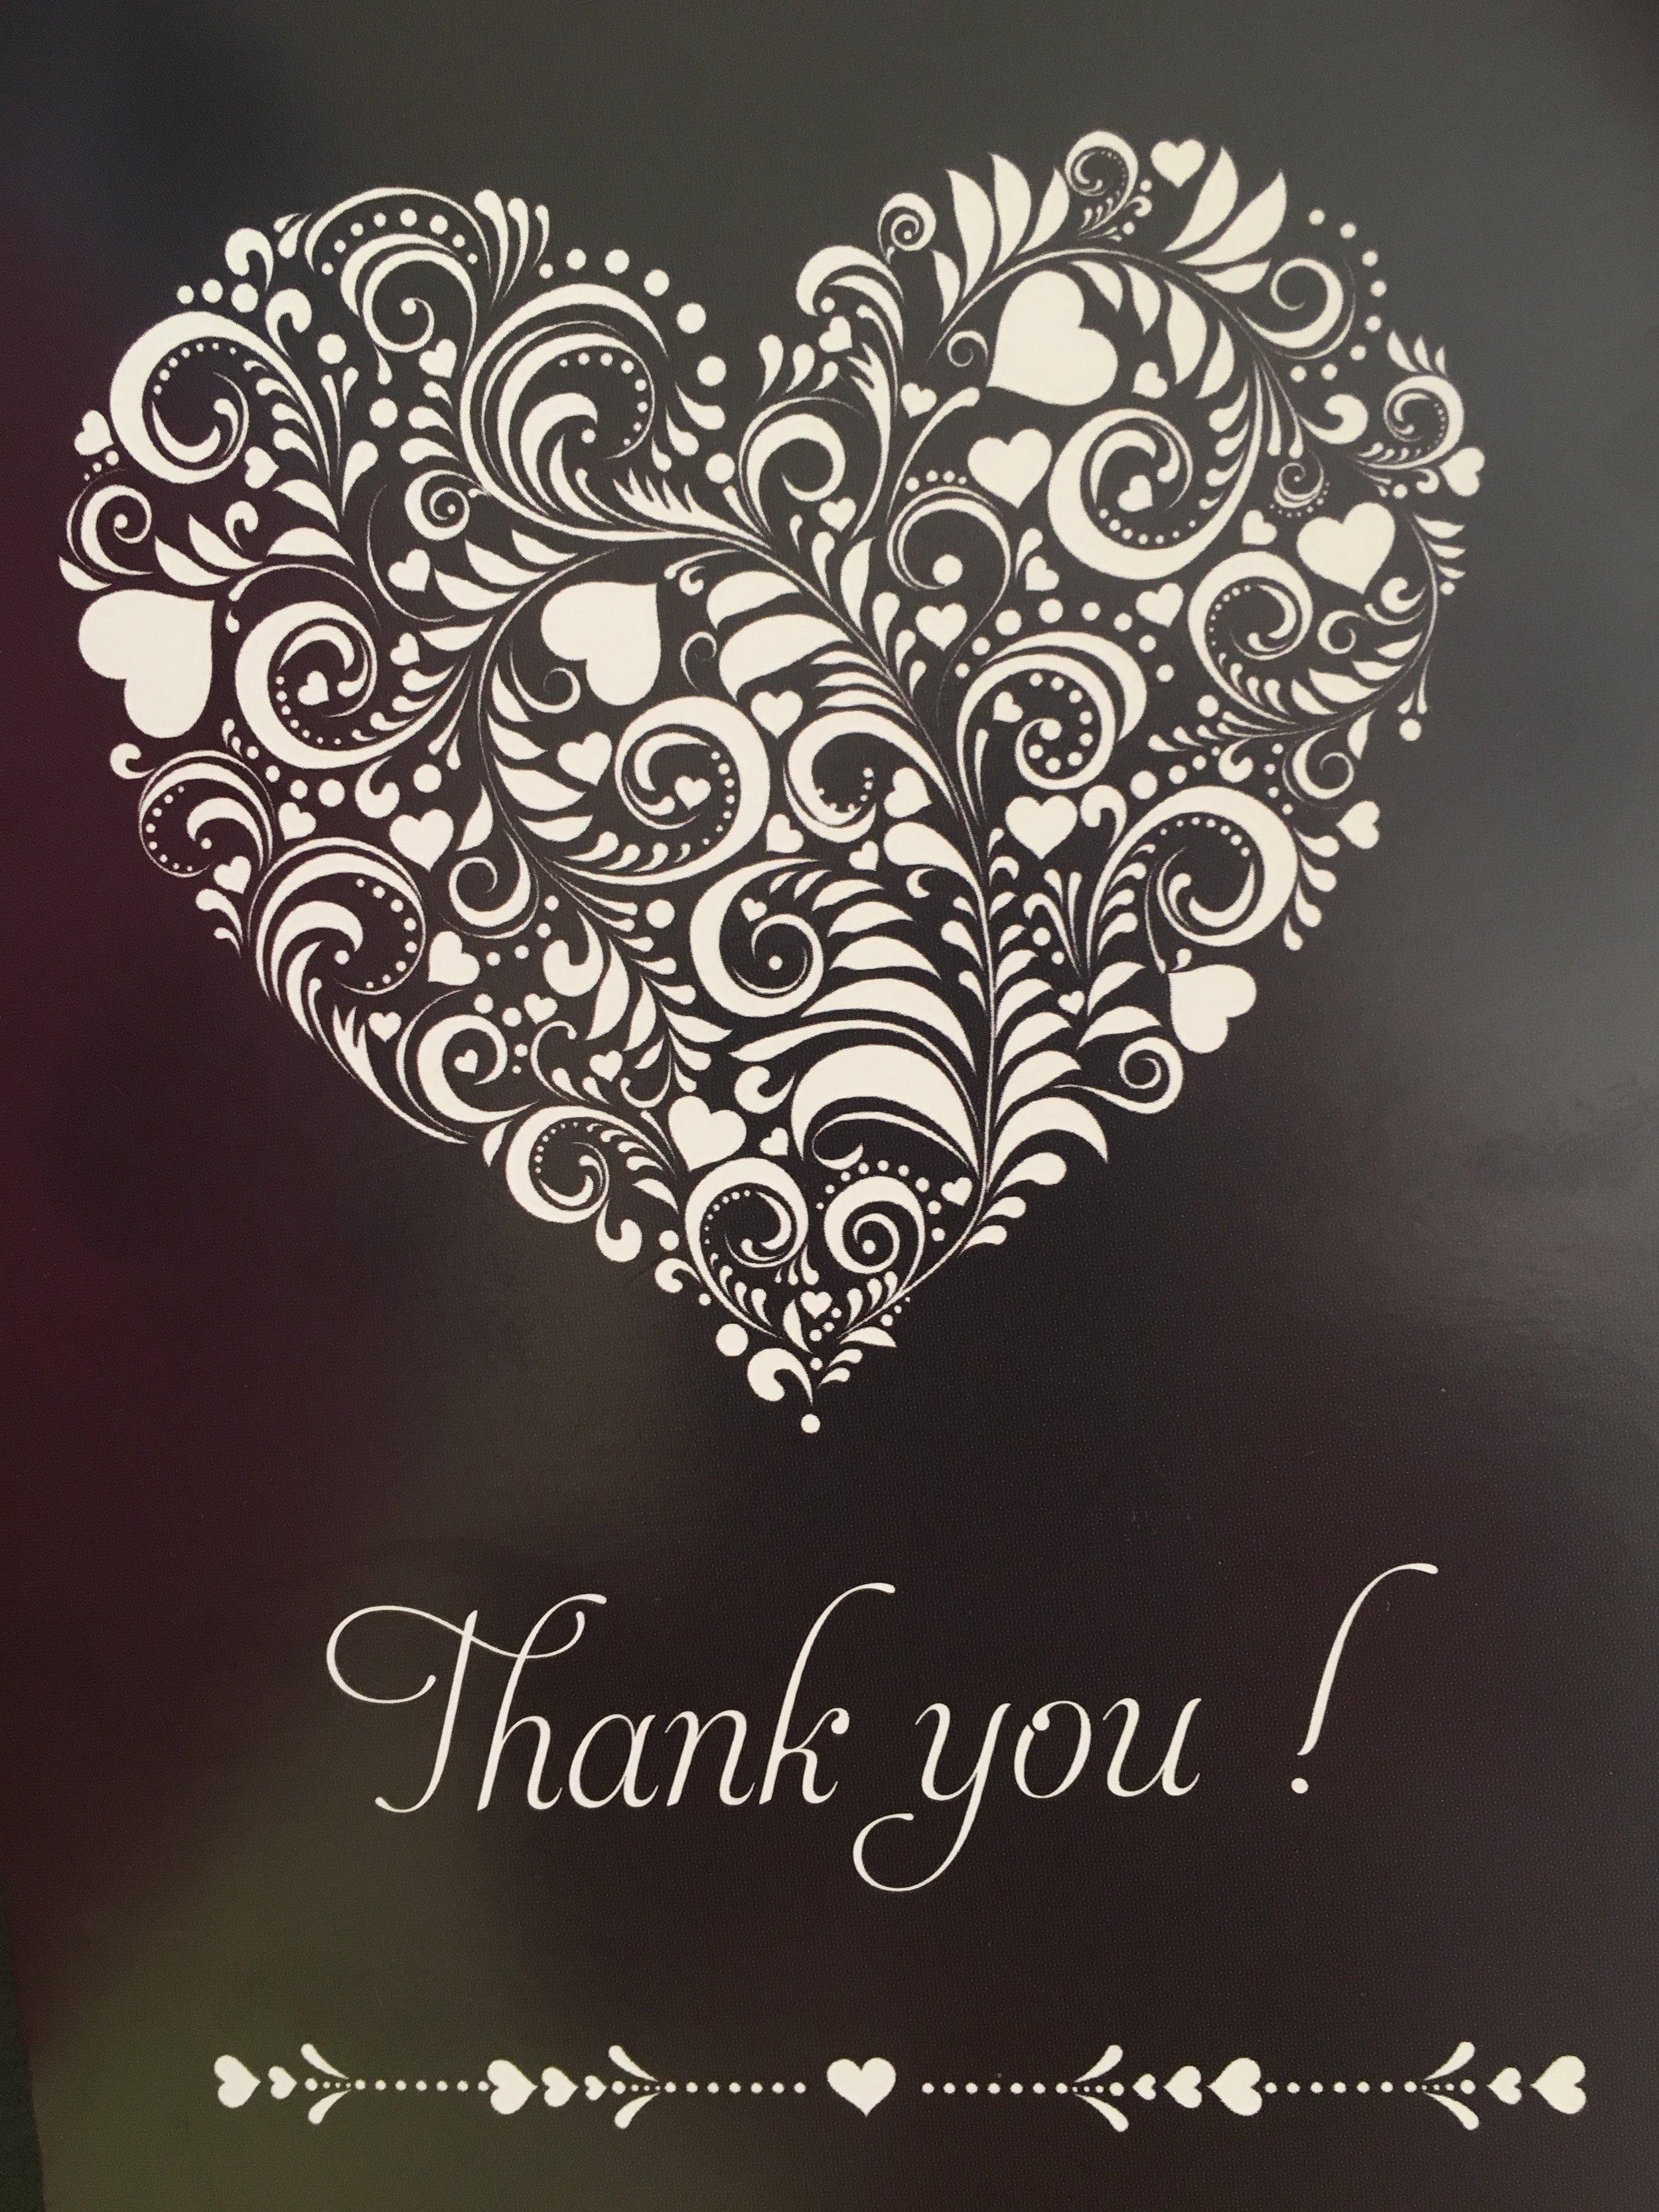 thankyouheart.JPG